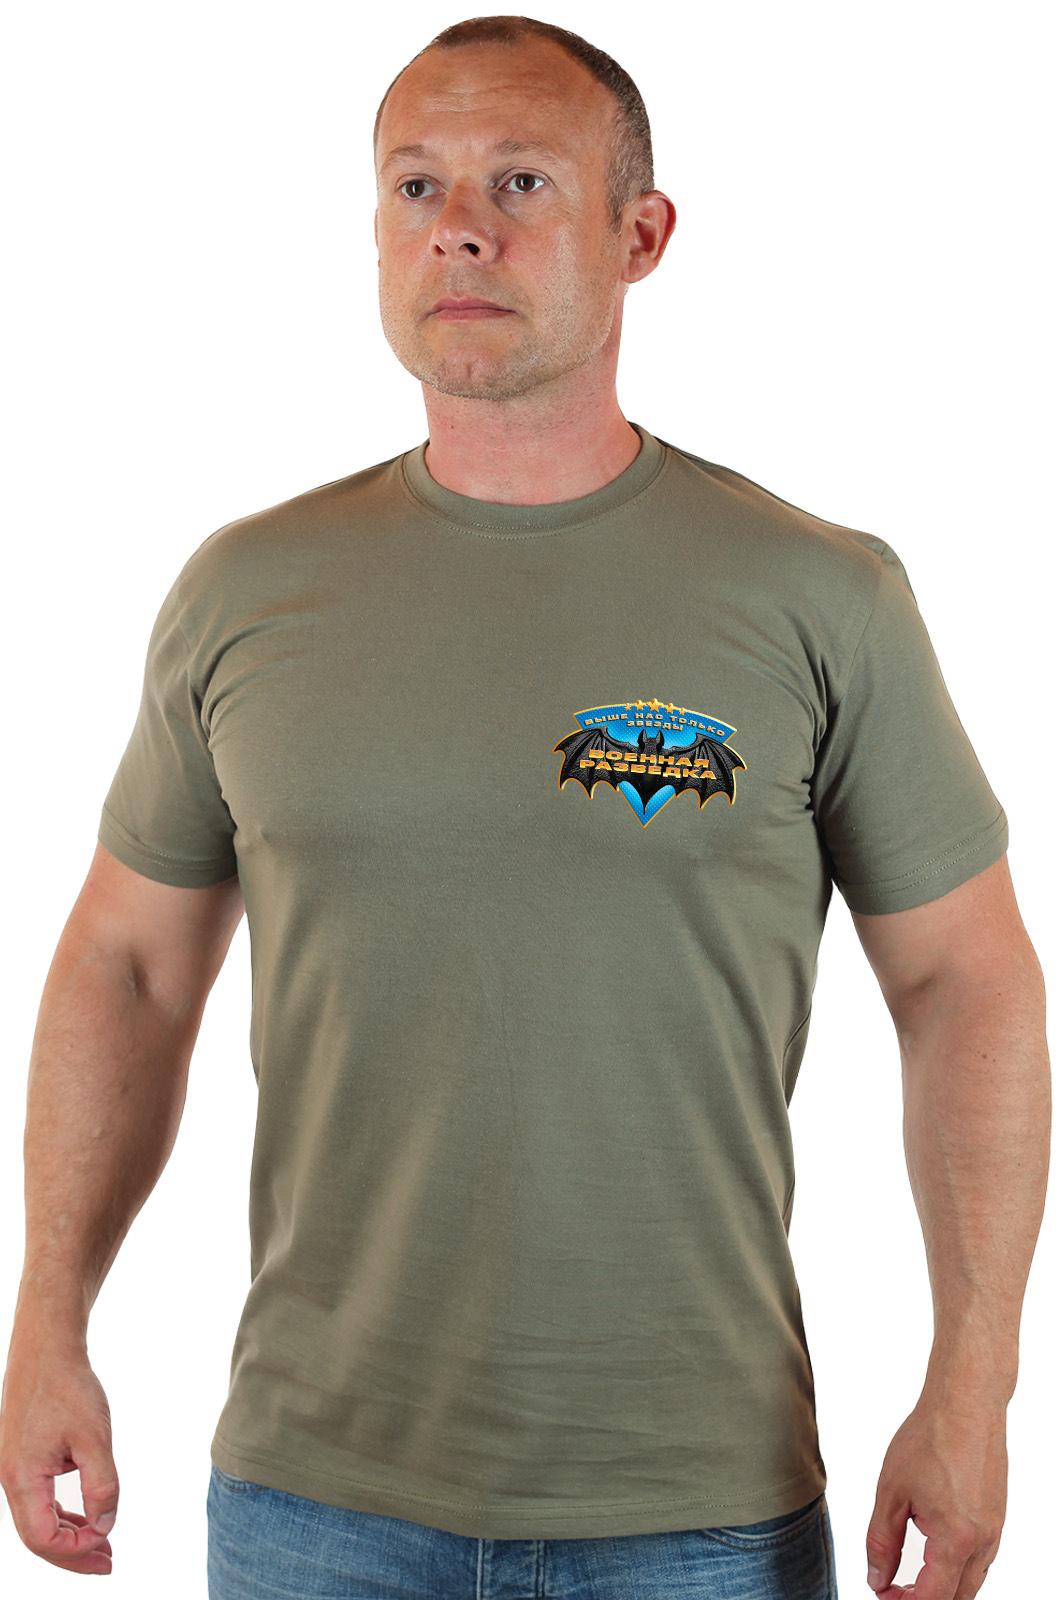 Заказать футболку разведчика с принтом Выше нас только звезды по низкой цене